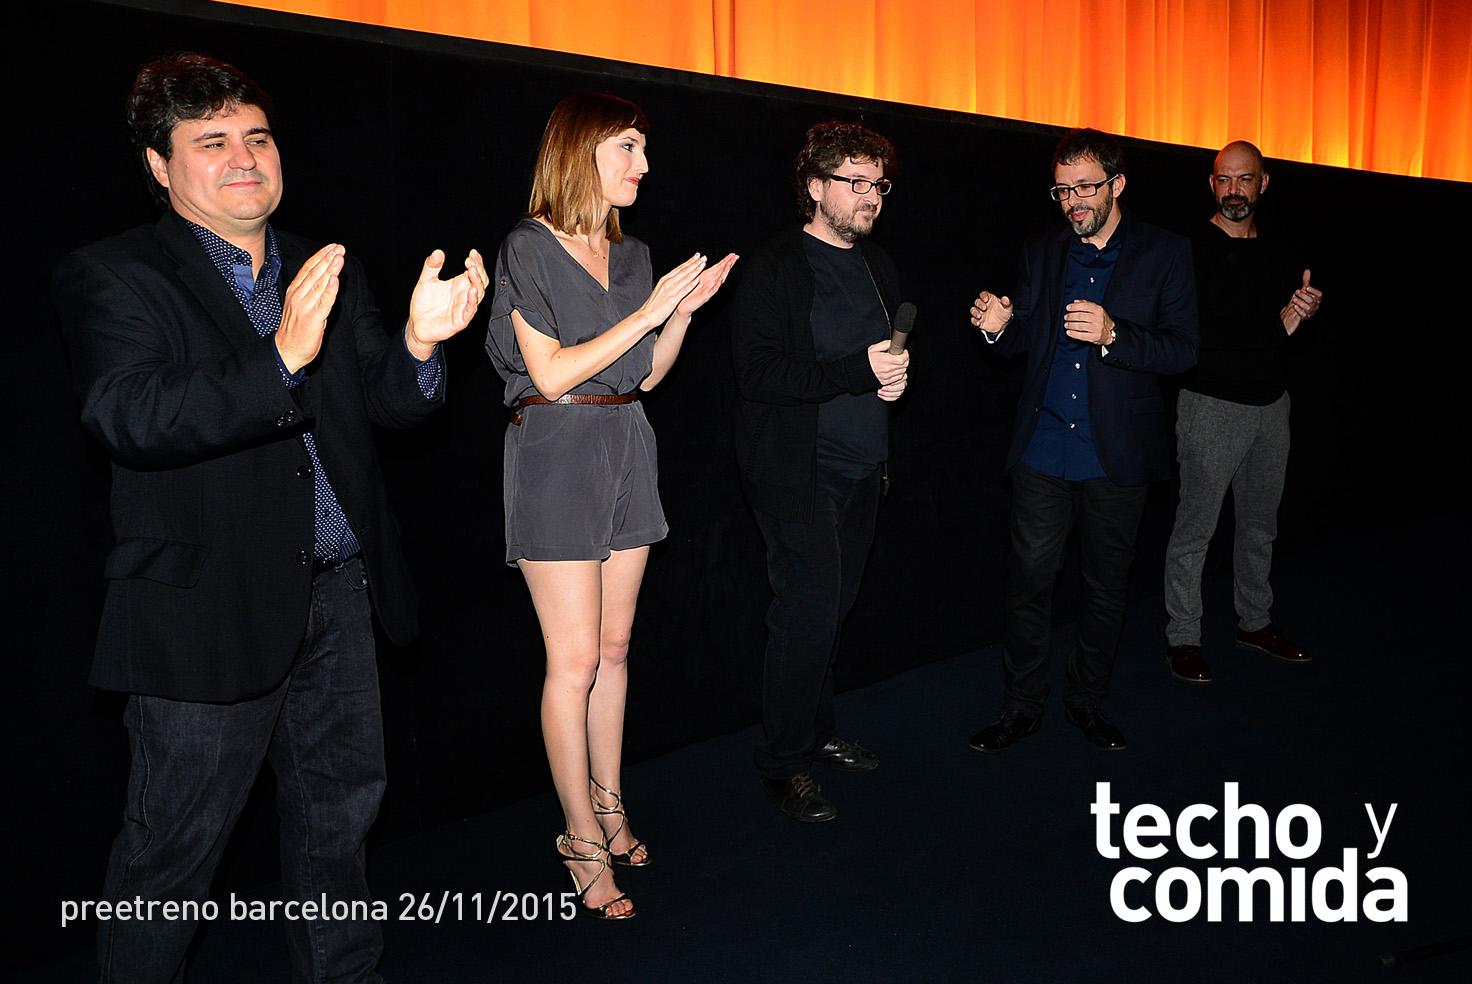 Barcelona_013_Techo y comida